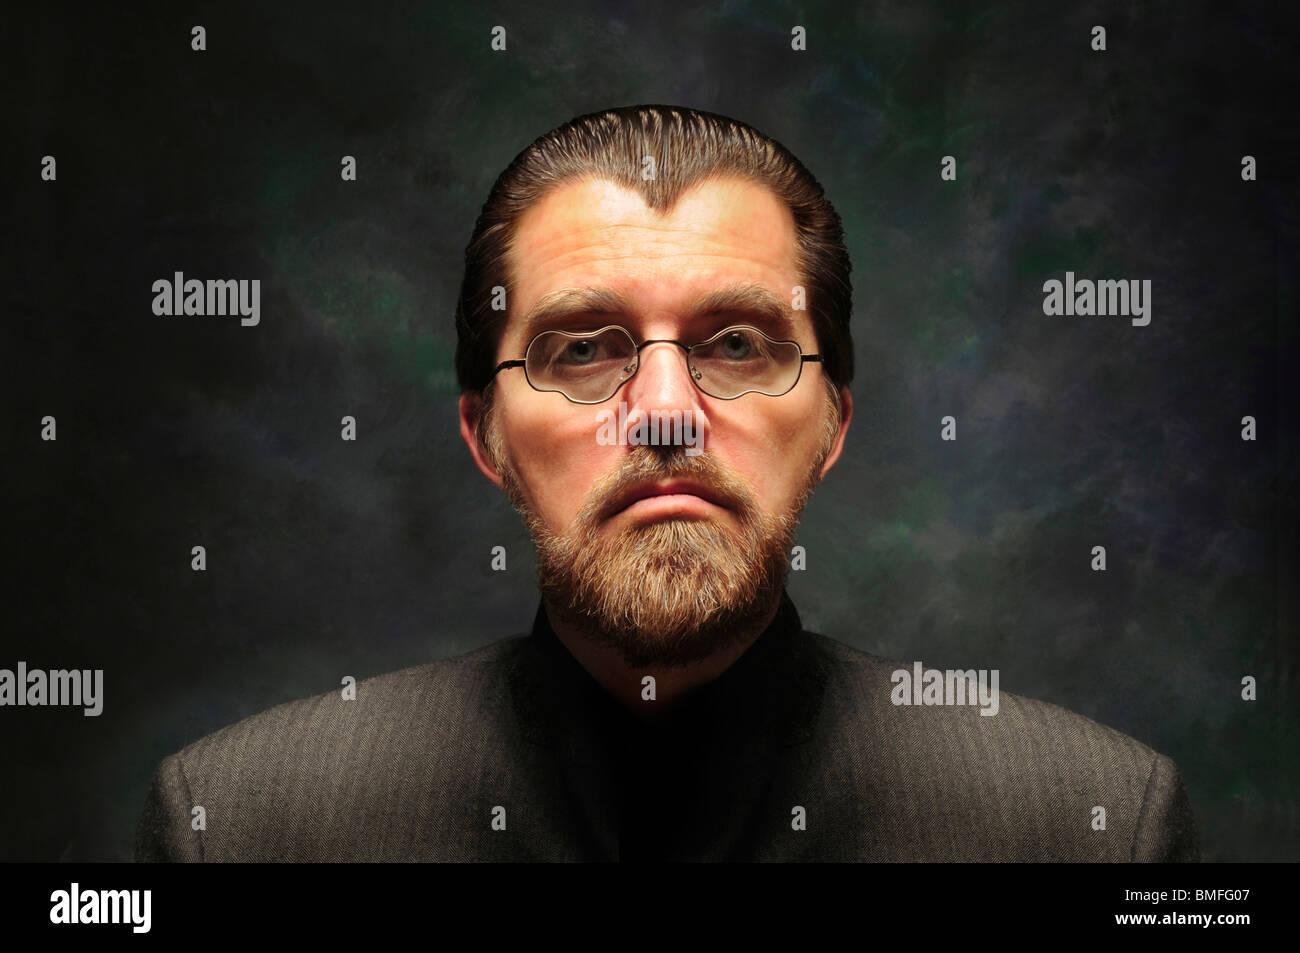 Carácter orwelliano con barba y gafas deforme distorsionada contra un fondo oscuro Imagen De Stock